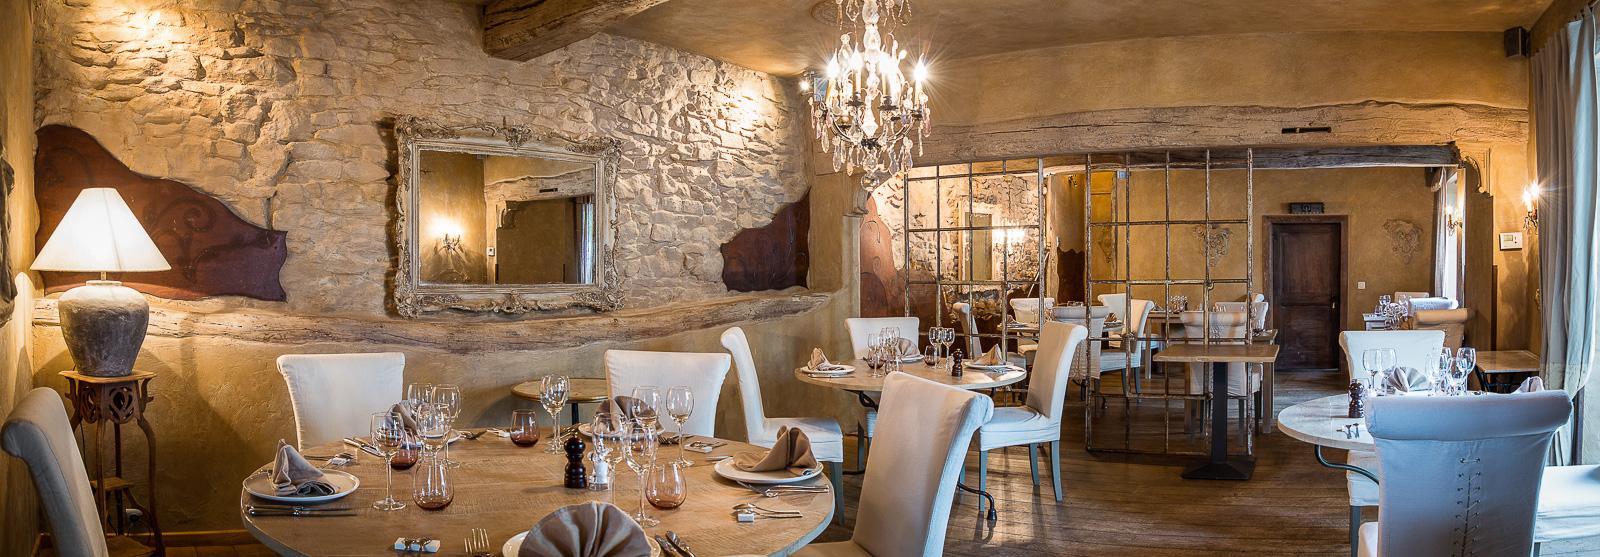 Utps-Restaurant_06